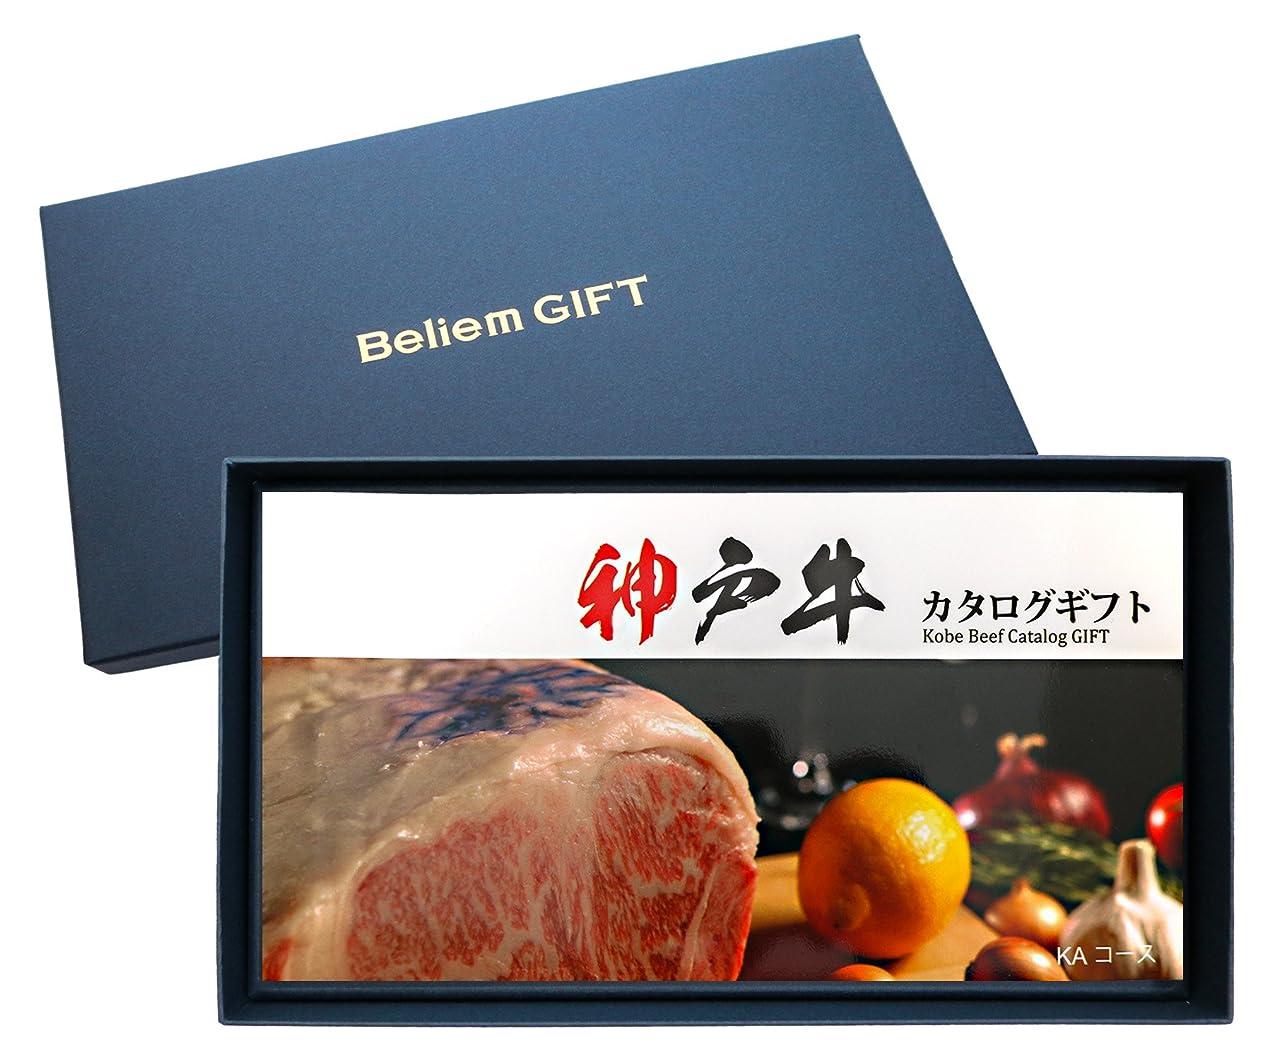 [お中元 肉 ギフト]神戸牛 選べる カタログ ギフト 1万円〔 牛肉 すき焼き 焼 肉 ステーキ しゃぶしゃぶ 内祝 〕